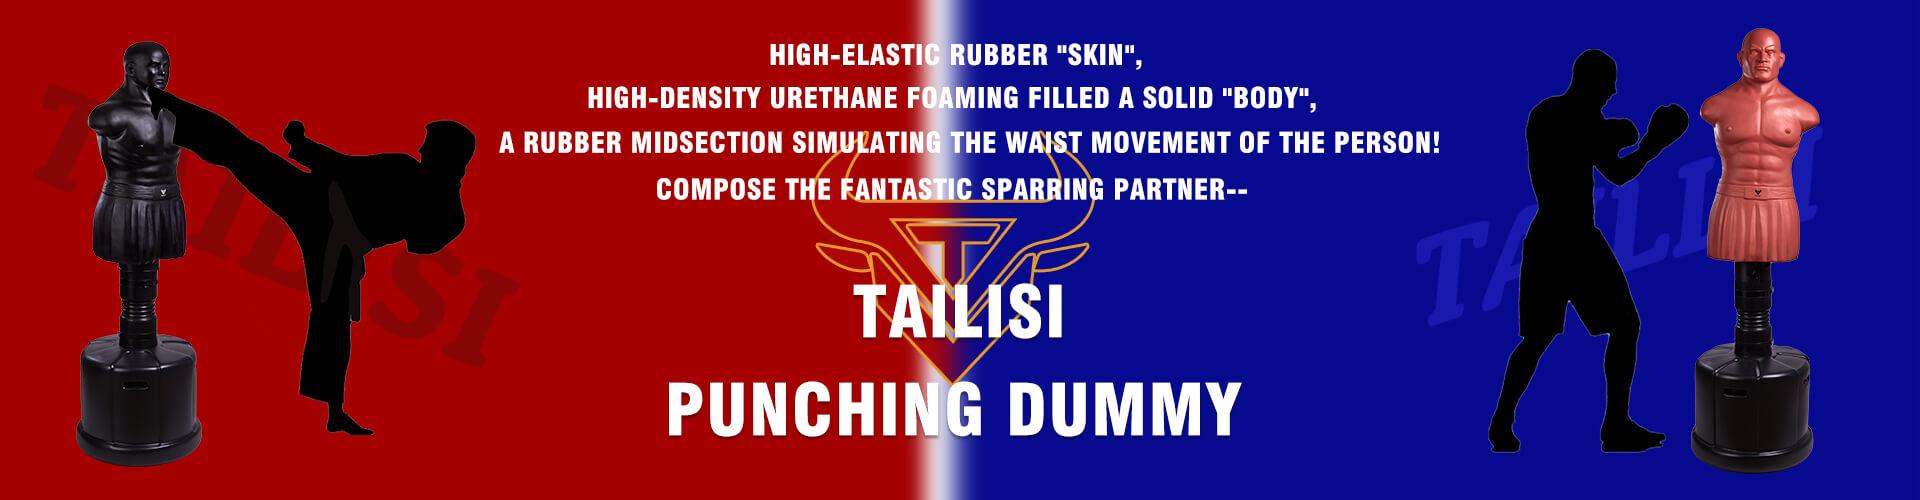 TAILISI PUNCHING DUMMY BANNER 2021025001